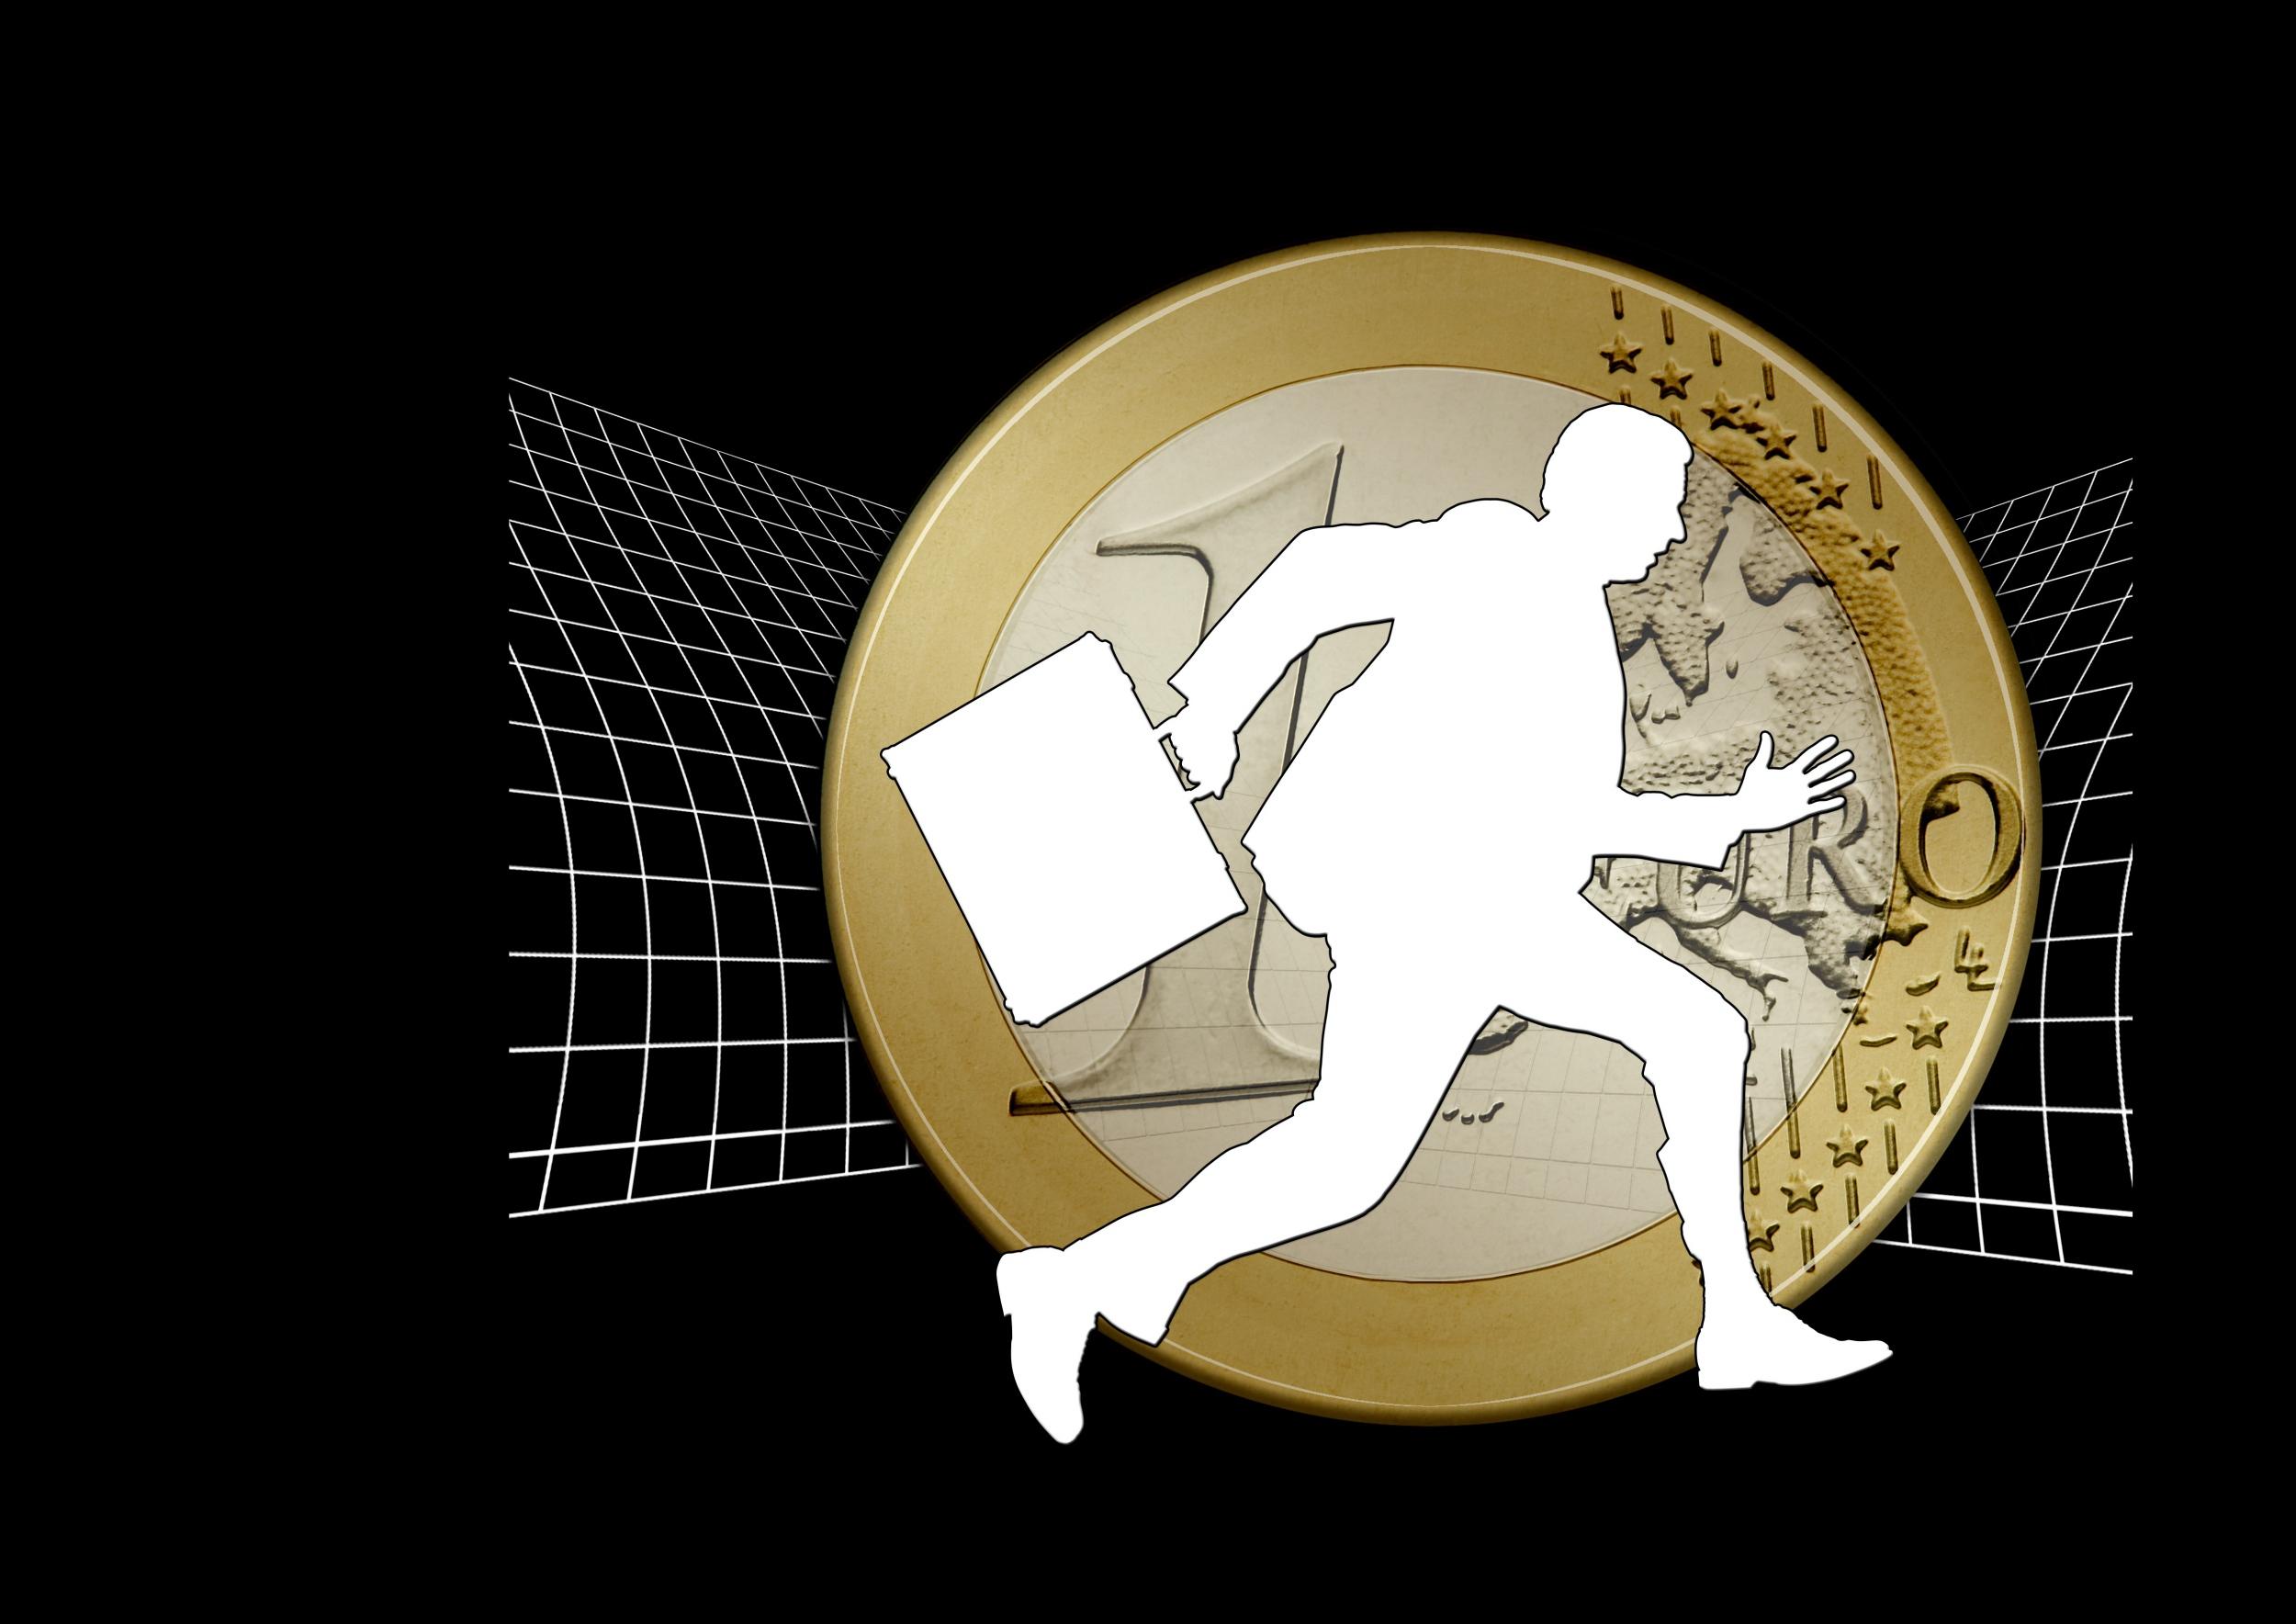 Συνεχίζει την τακτική δεν πληρώνω η κυβέρνηση προς τους ιδιώτες δημιουργώντας τεράστιο πρόβλημα ρευστότητας στην αγορά